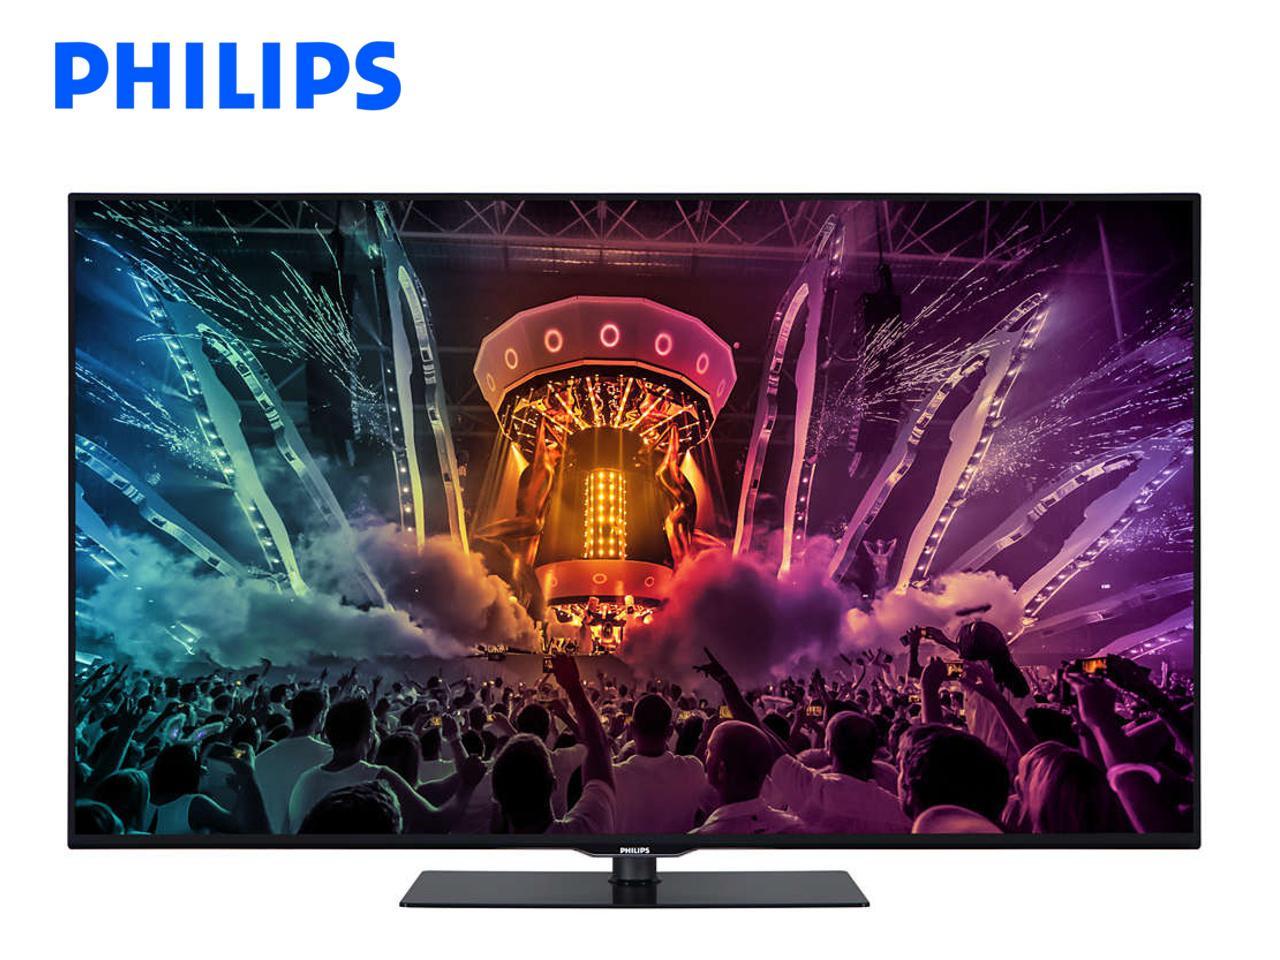 PHILIPS 49PUS6031 + 500 Kč na dárky nebo další nákup | CHAT on-line podpora PO-PÁ 8-22.00!!